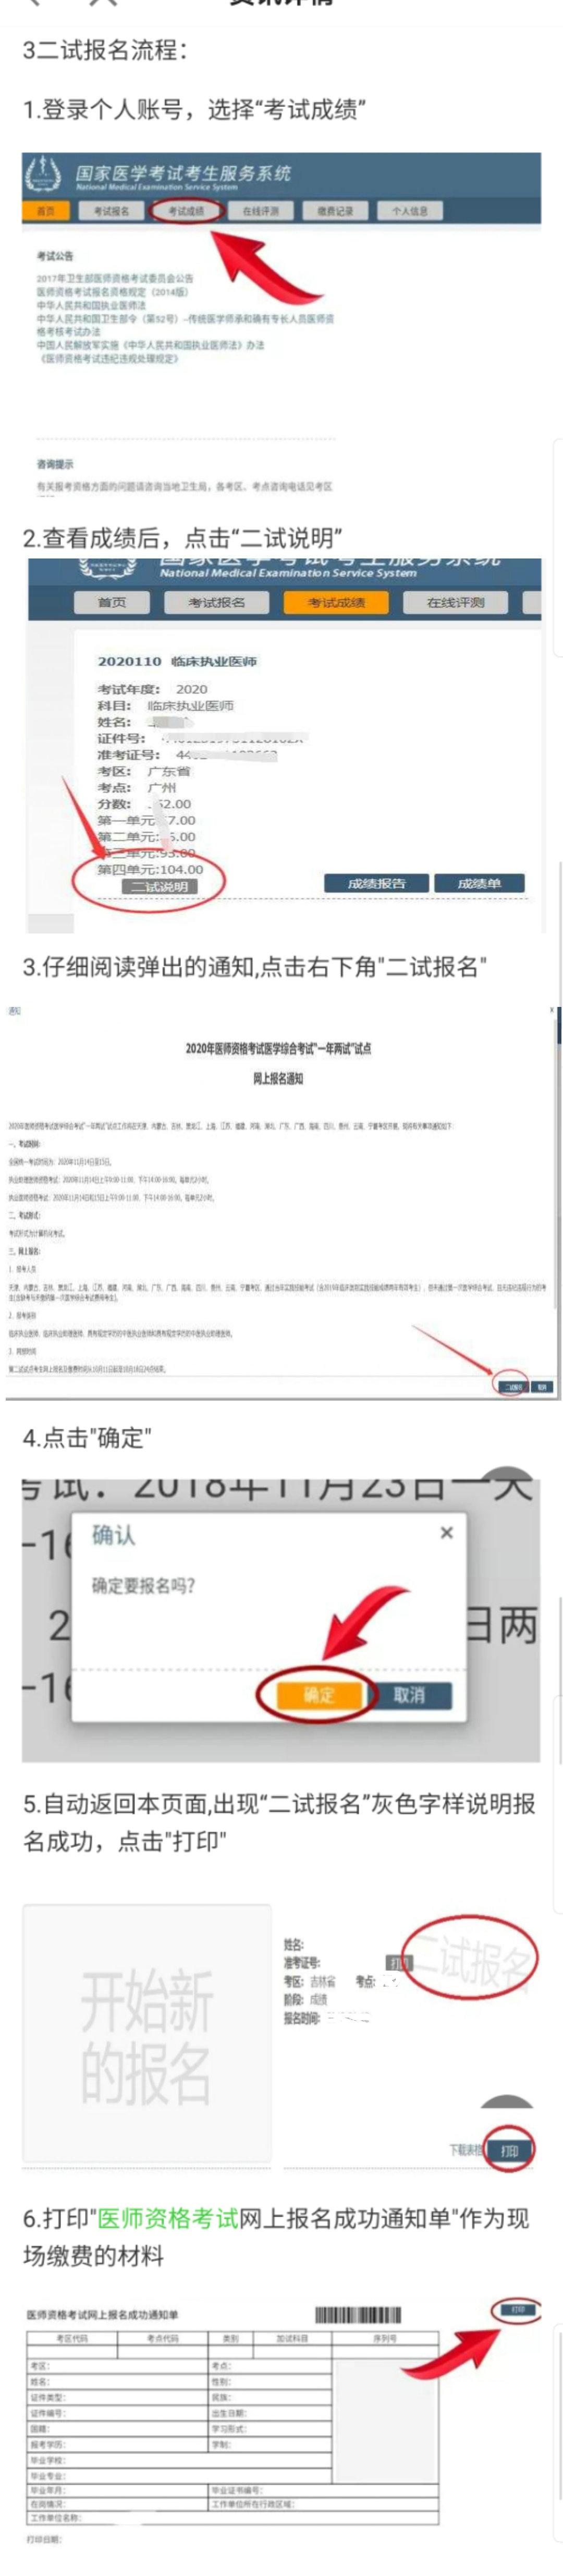 2019执业医师二试成绩图片